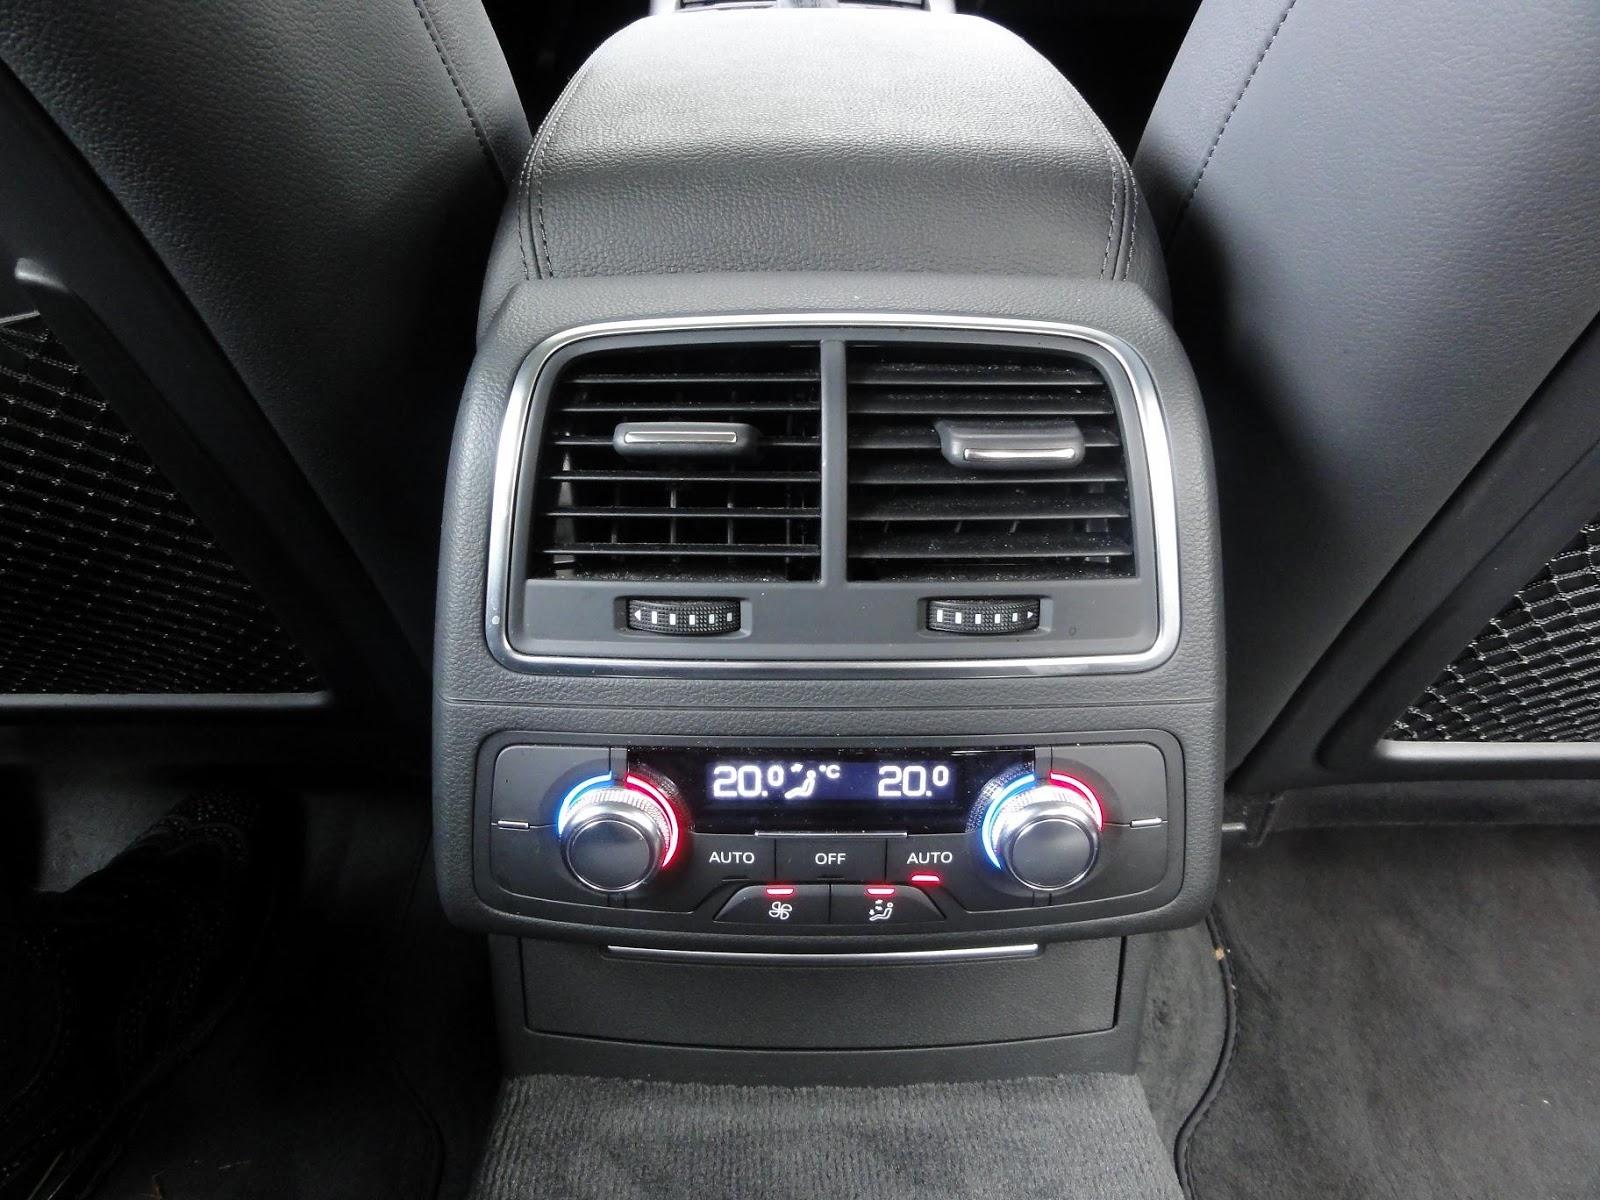 Guitigefilmpjes Picture Update Audi A6 3 0 Tdi 4g 2012